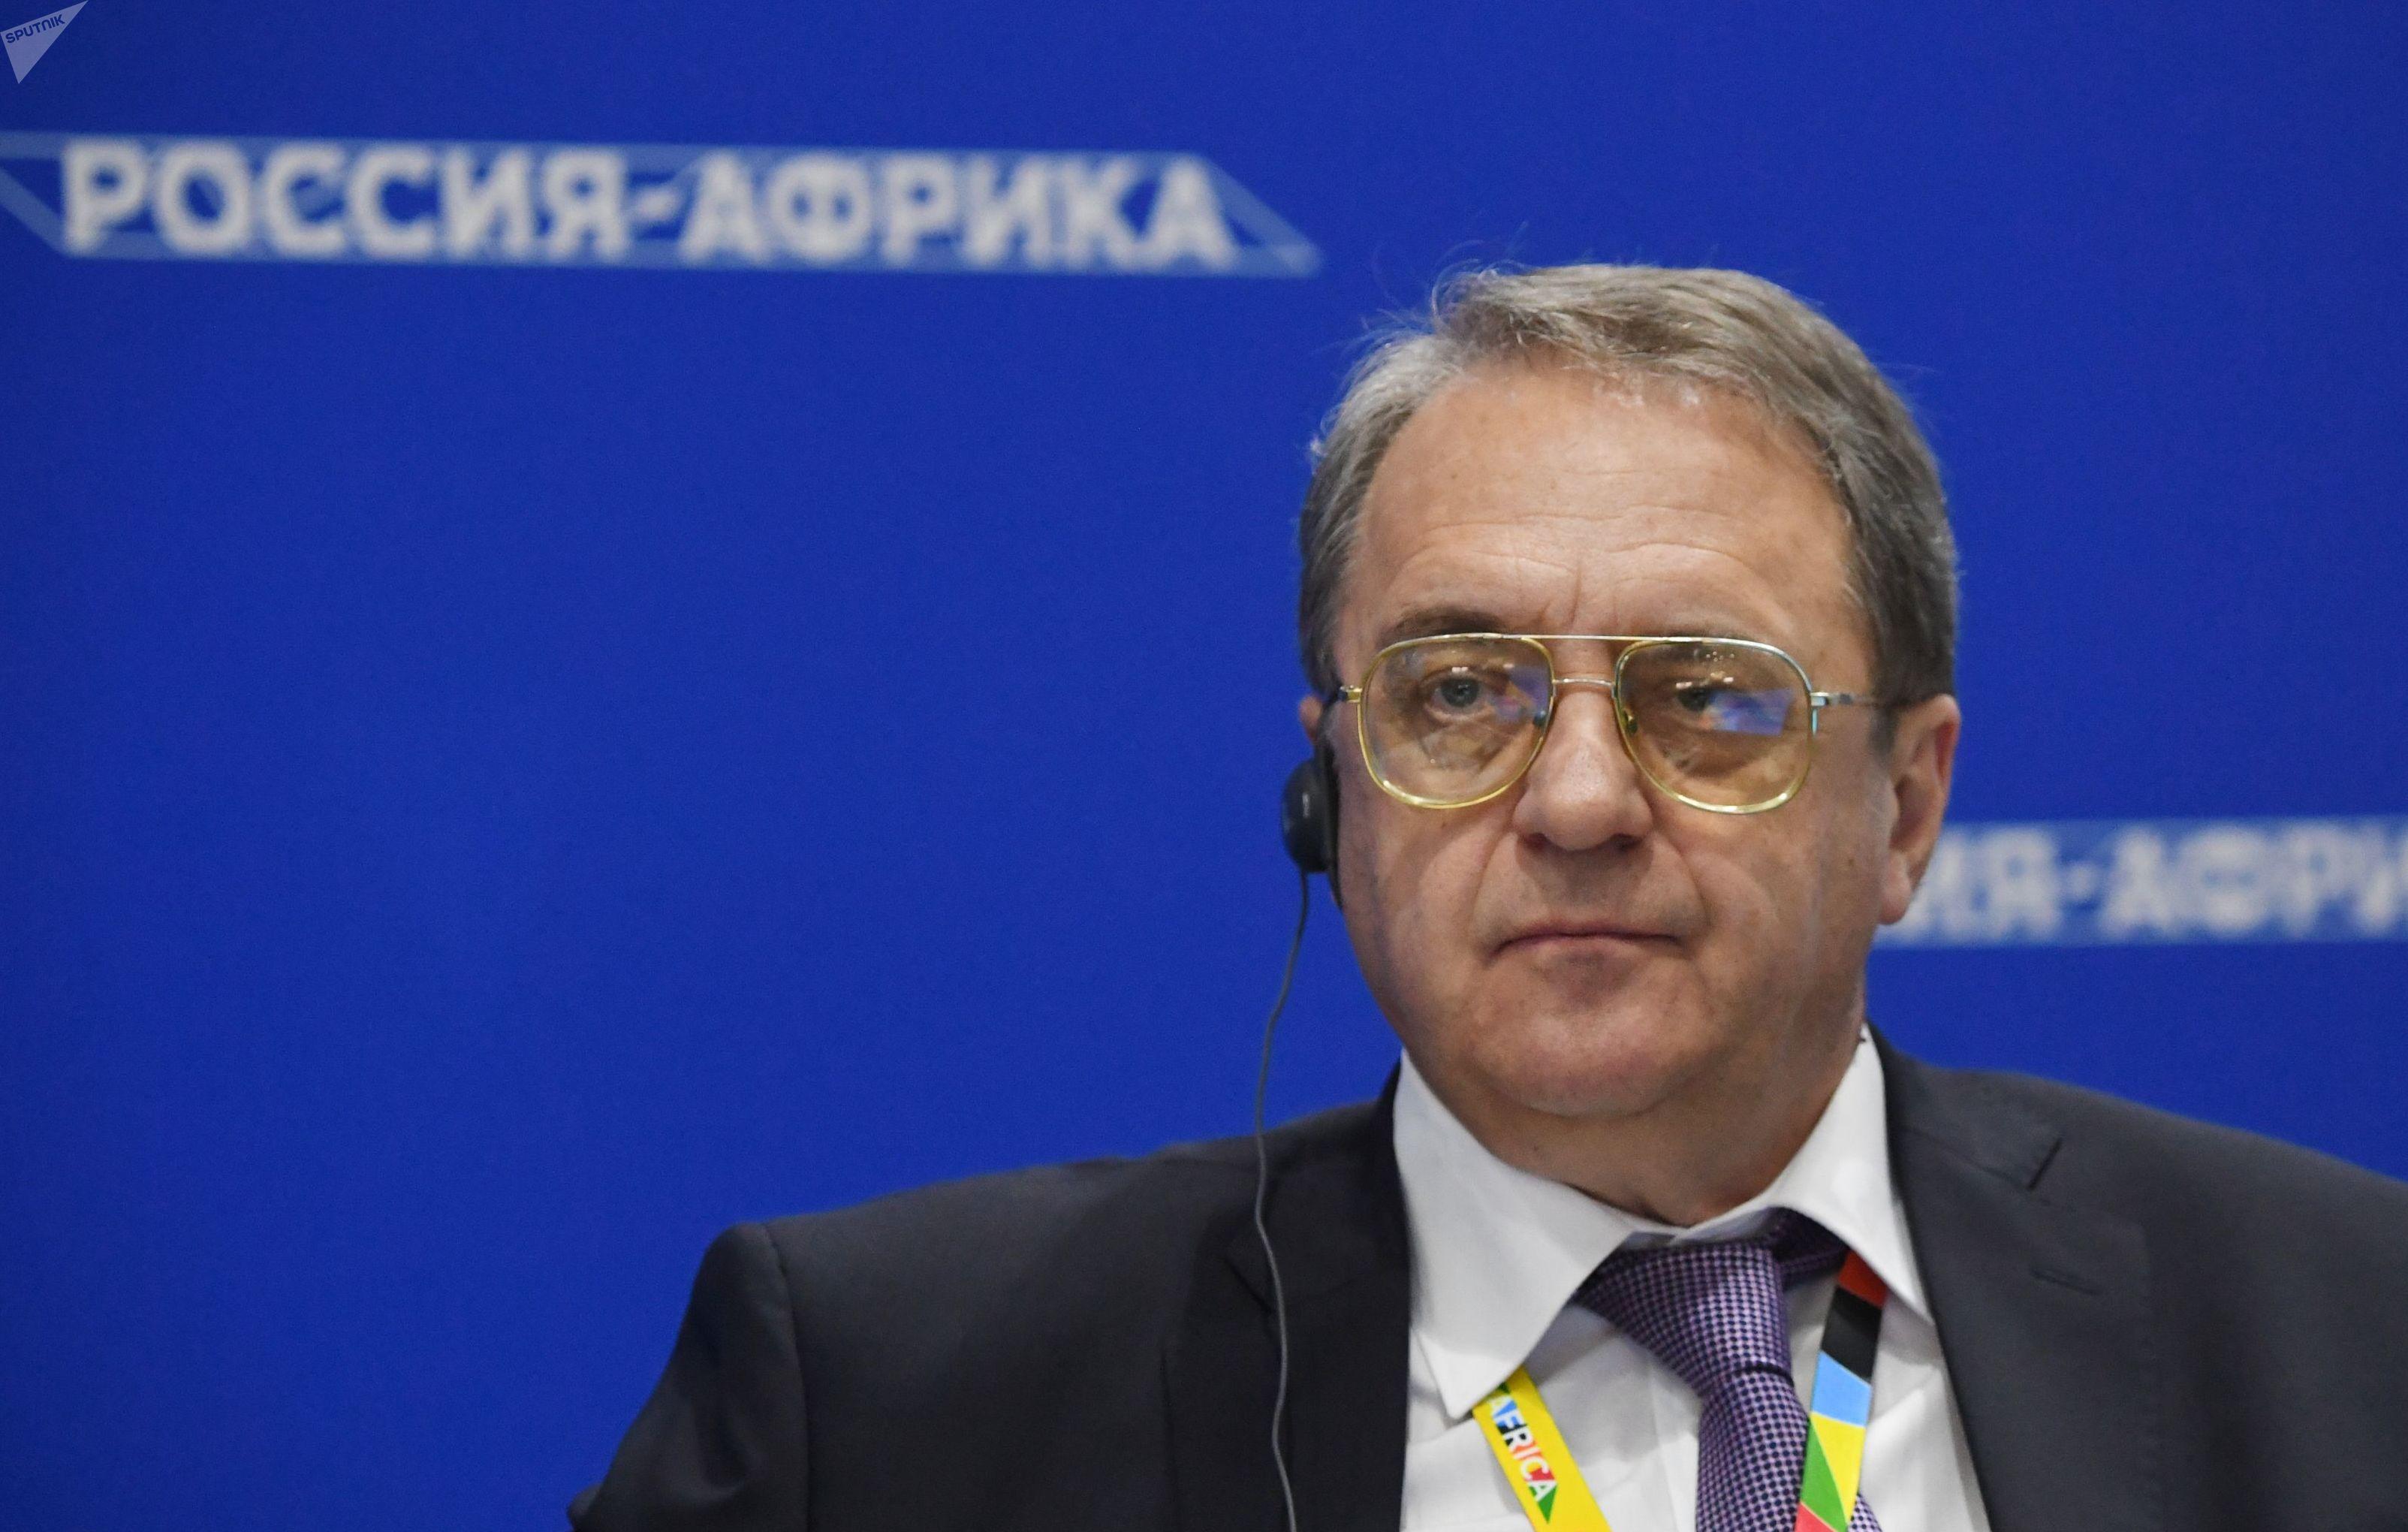 O encarregado especial da presidência russa para Oriente Médio e África, Mikhail Bogdavov, participa de fórum em Sochi (foto de arquivo).